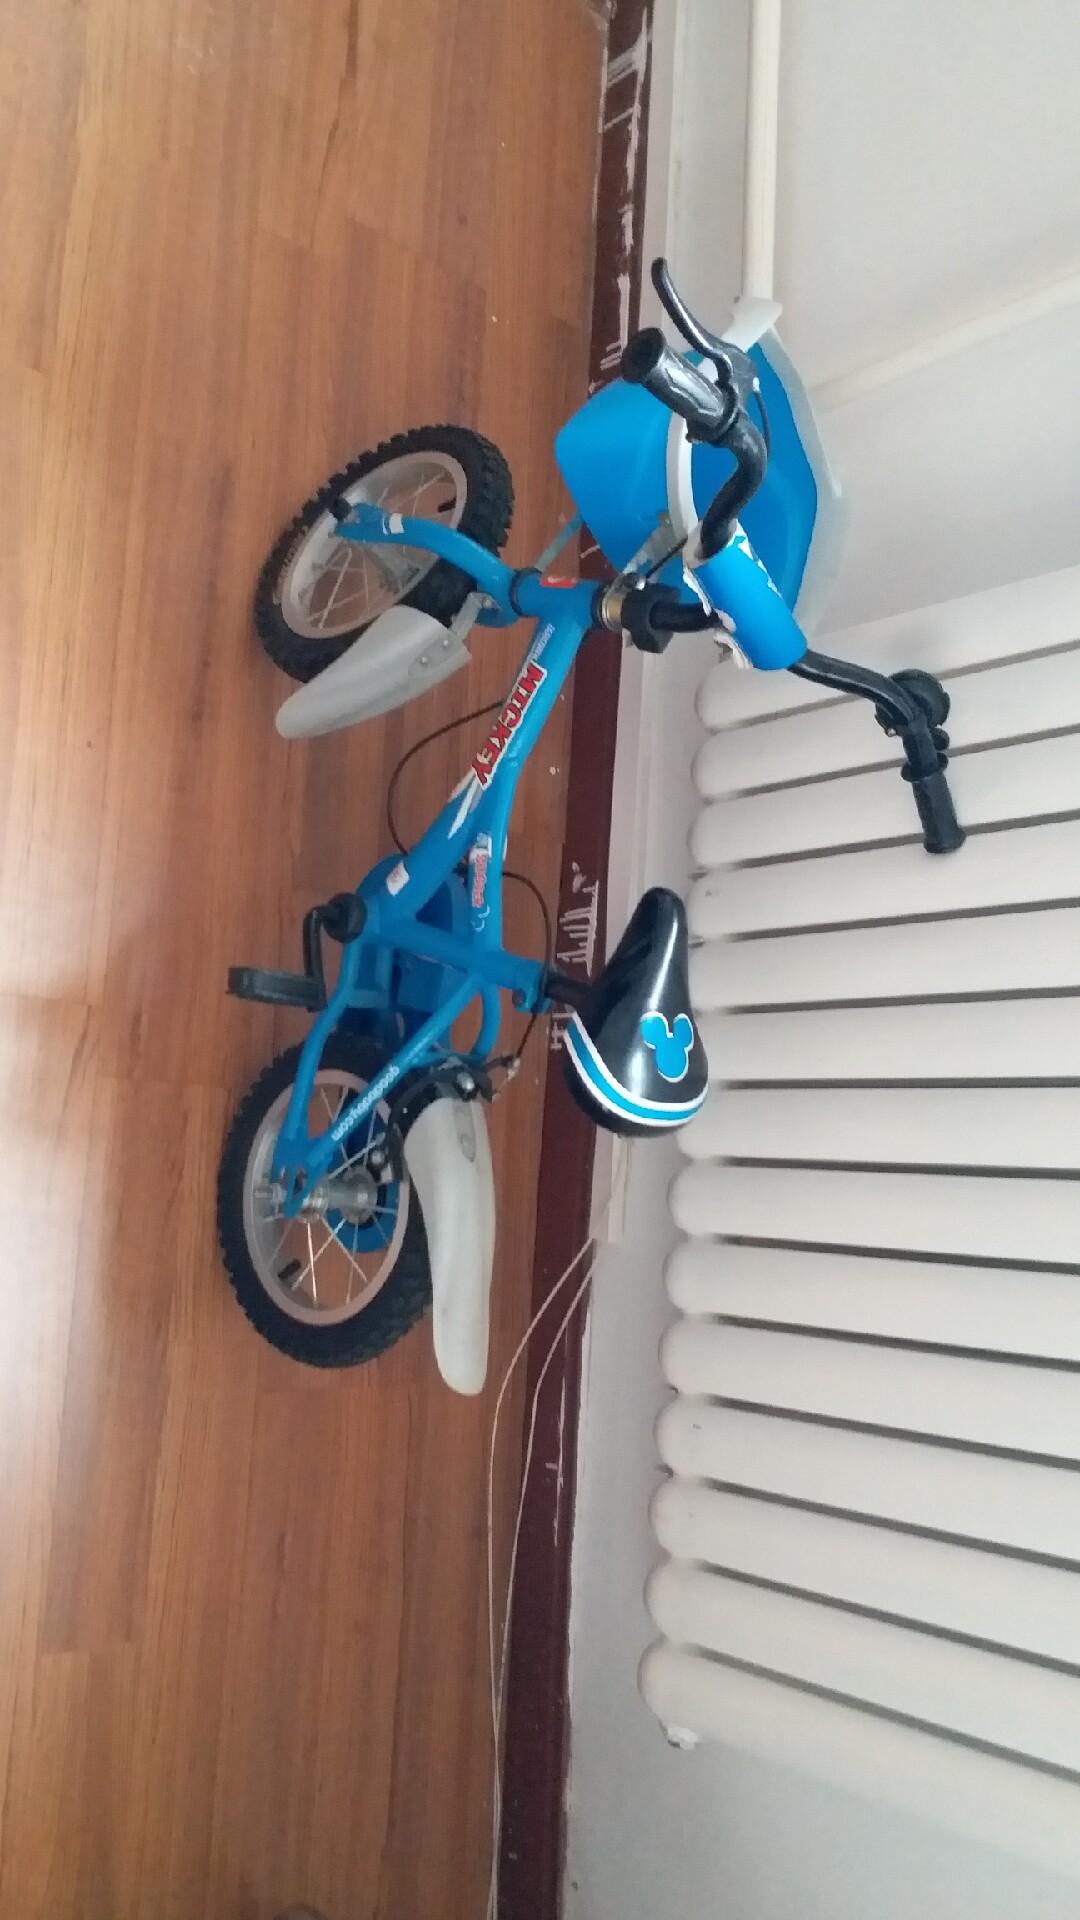 好**儿童自行车,适合3-4岁儿童,现低价出售,不包邮,运费